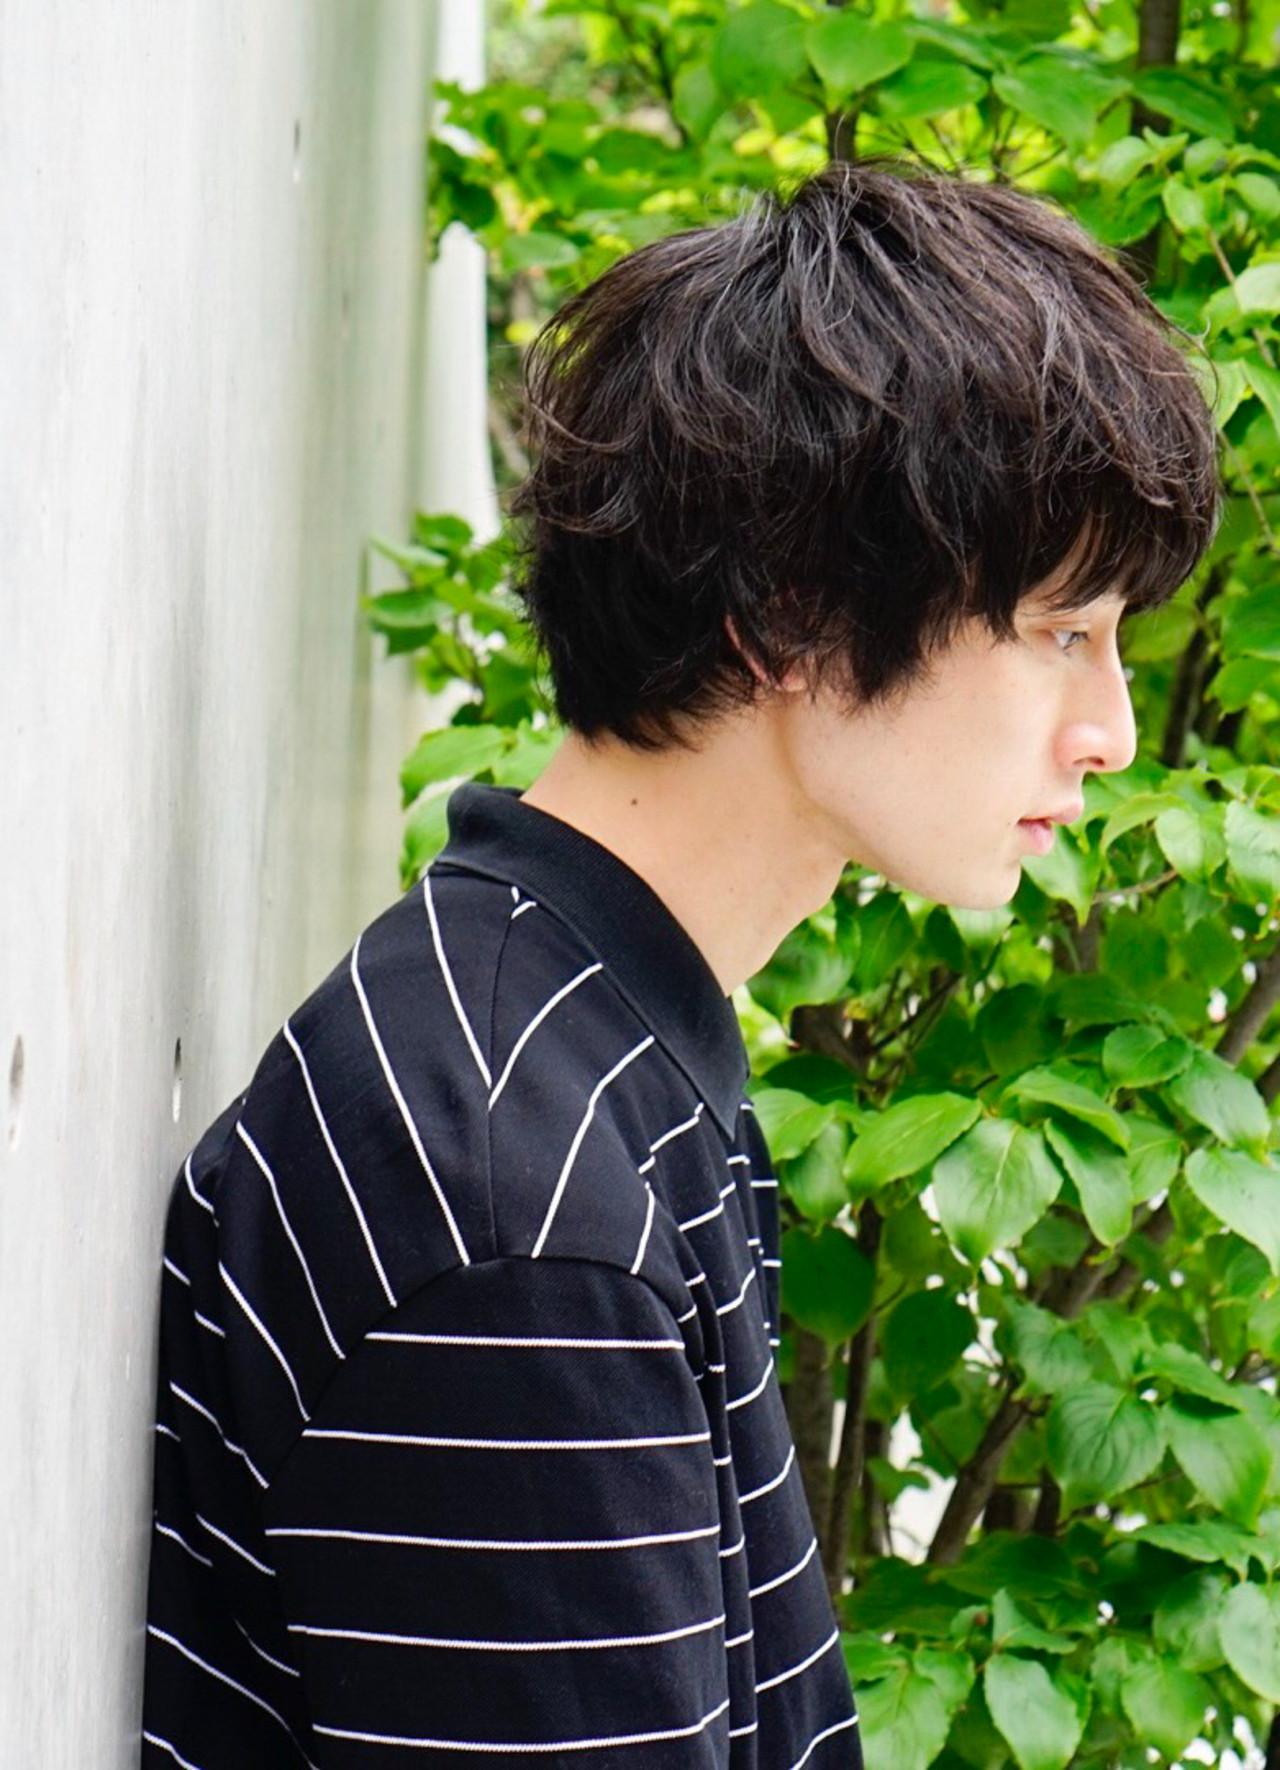 ショート ナチュラル メンズヘア マッシュヘア ヘアスタイルや髪型の写真・画像 | 豊島春華 / Gigi